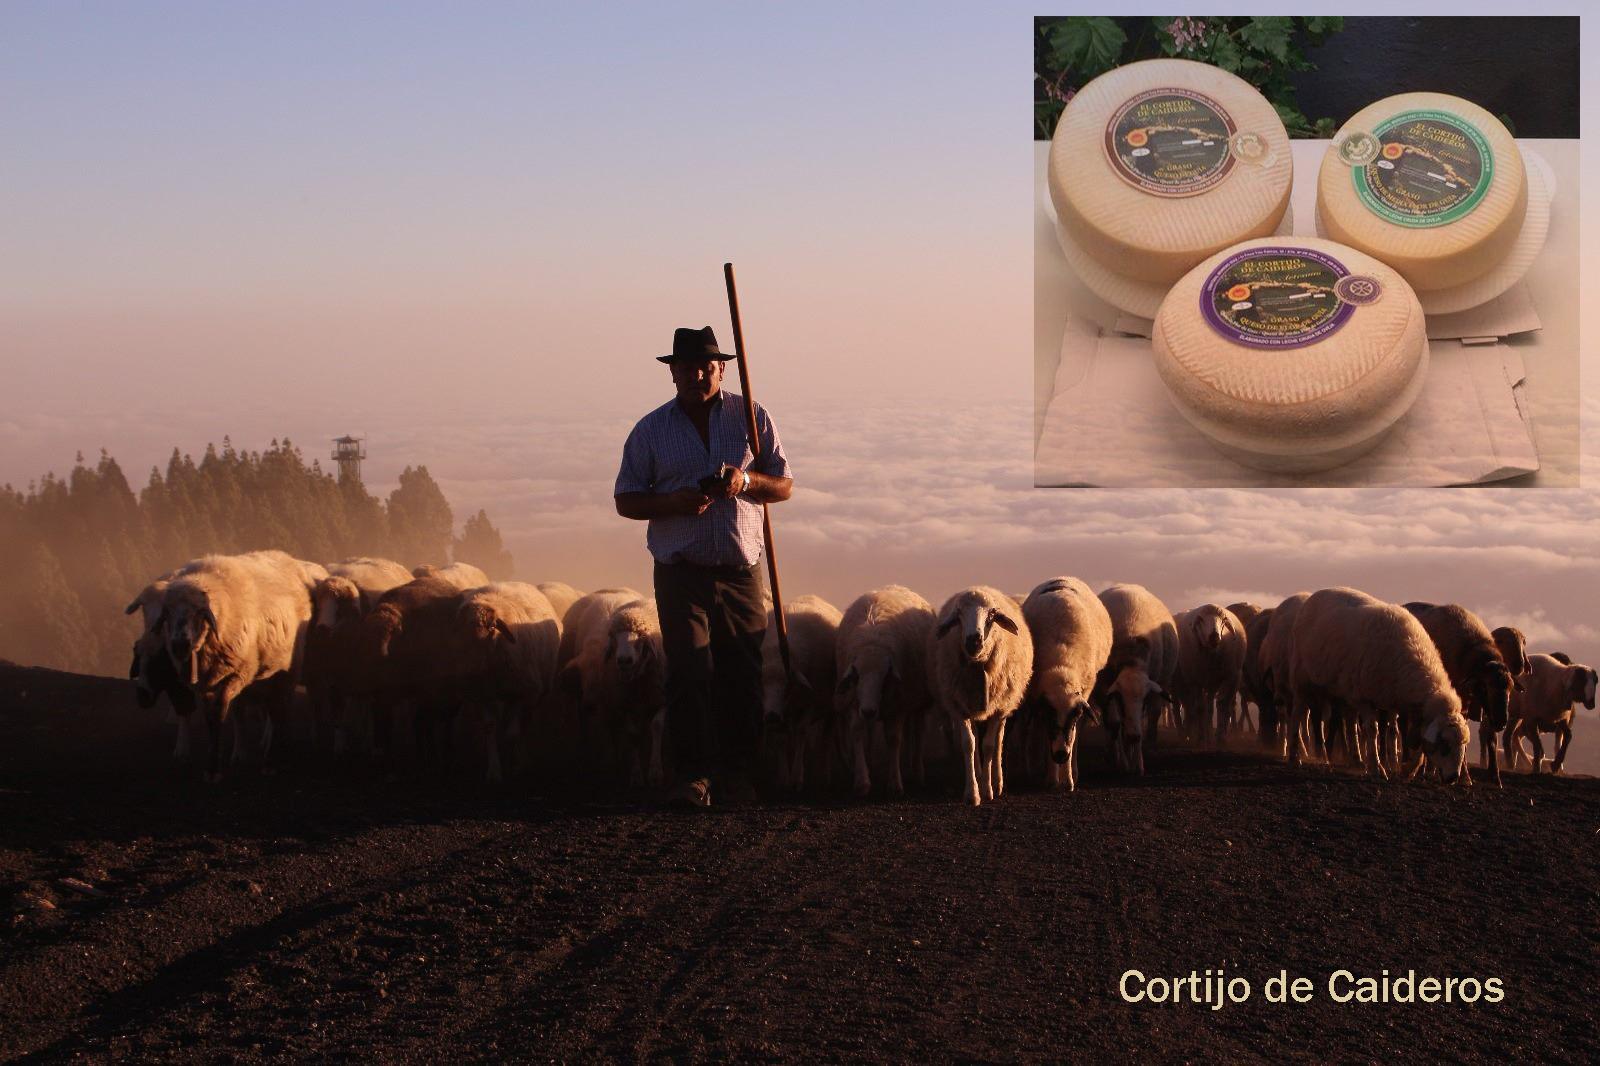 Cortijo de Caideros, un queso Flor de Guía, elegido Mejor Queso de Canarias 2017